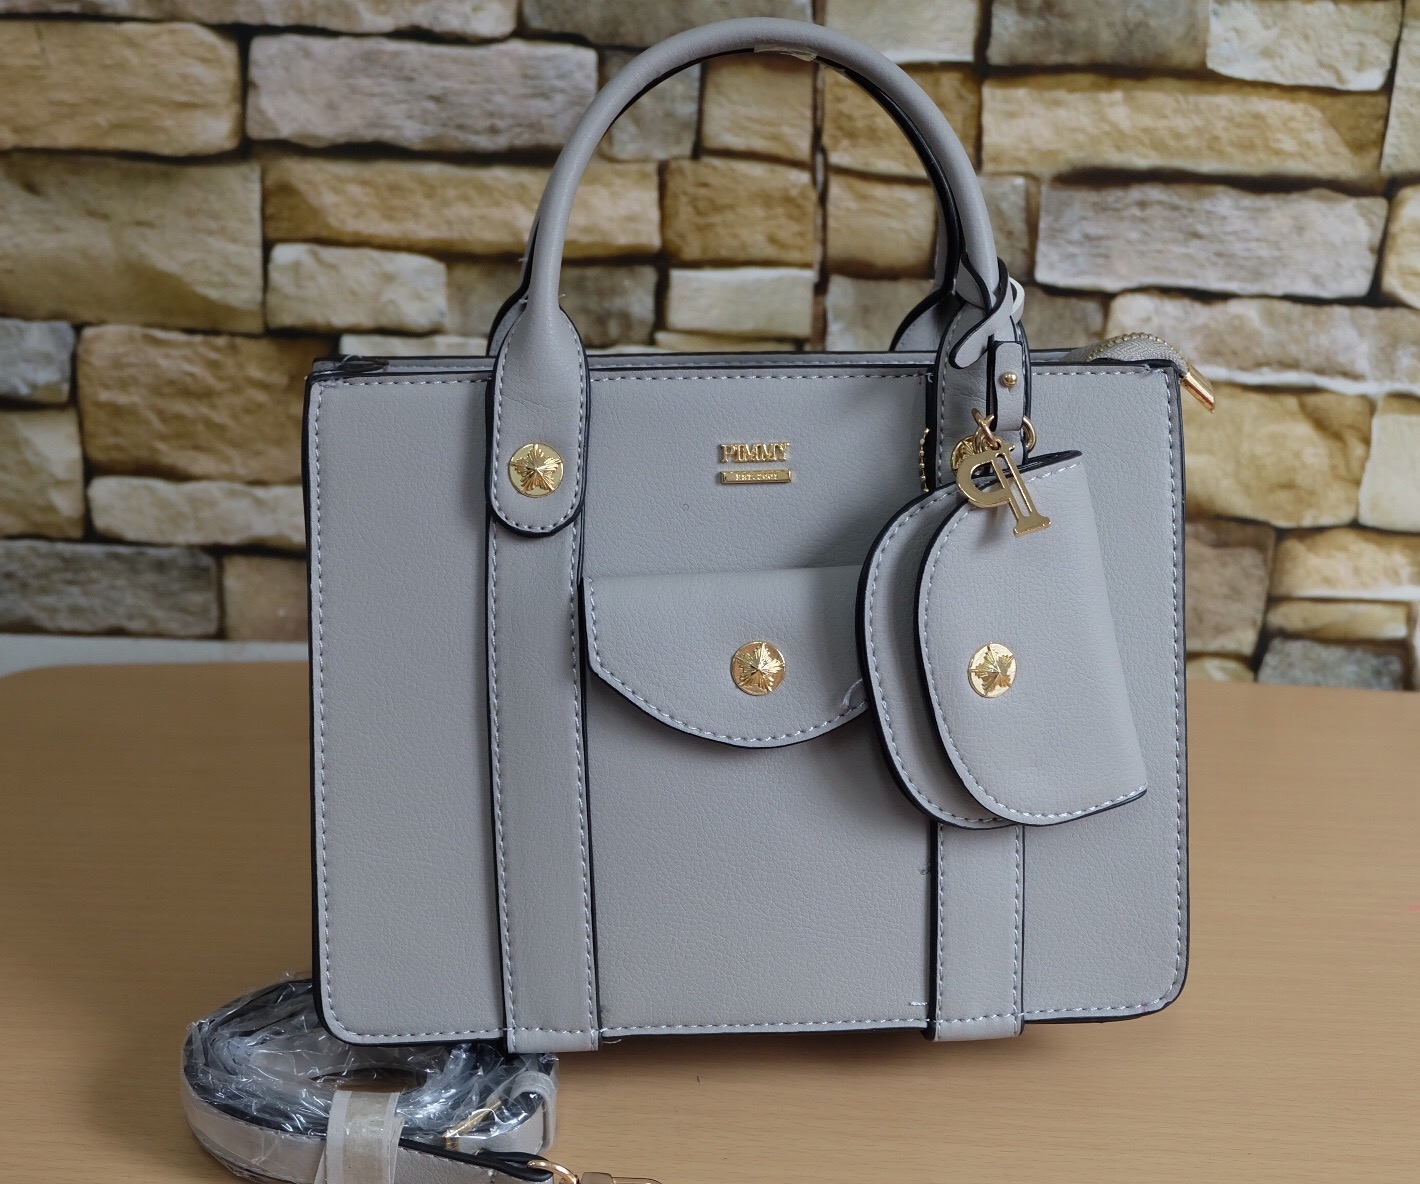 """กระเป๋าแบรนด์ PIMMY 10"""" สูง 7.5"""" ข้าง 4""""นิ้ว เรียบหรู อะไหล่ทองปั๊มทุกจุด ซิบปั๊ม มีช่องเล็ก 1 ช่อง ป้ายห้อยกระเป๋าใบเล็กและอักษร P สีทอง ด้านข้างปั๊มโลโก้"""